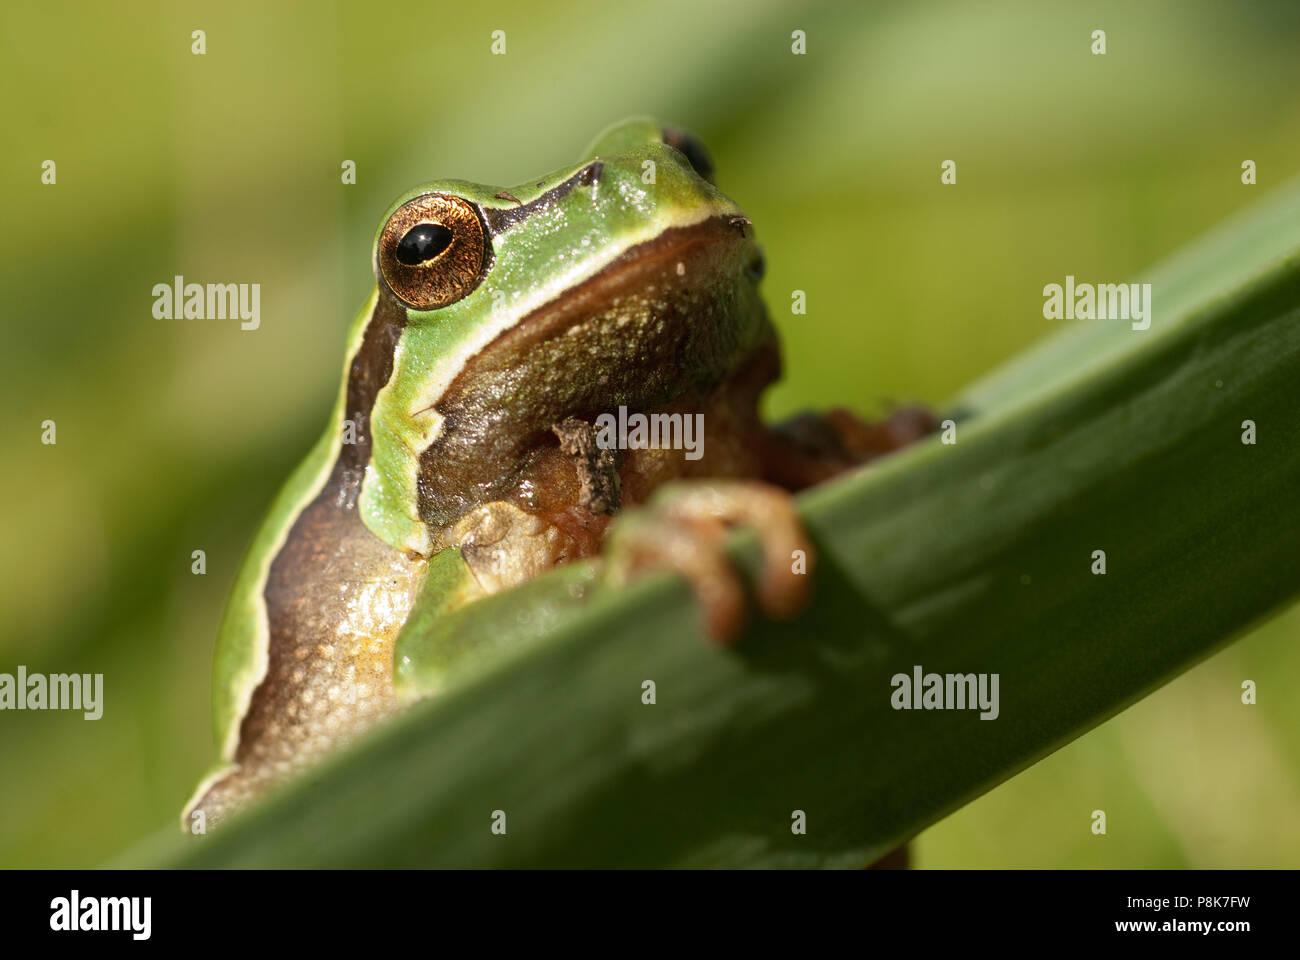 Joli vert des amphibiens rainette européenne, Hyla arborea, assis sur l'herbe, Espagne Photo Stock